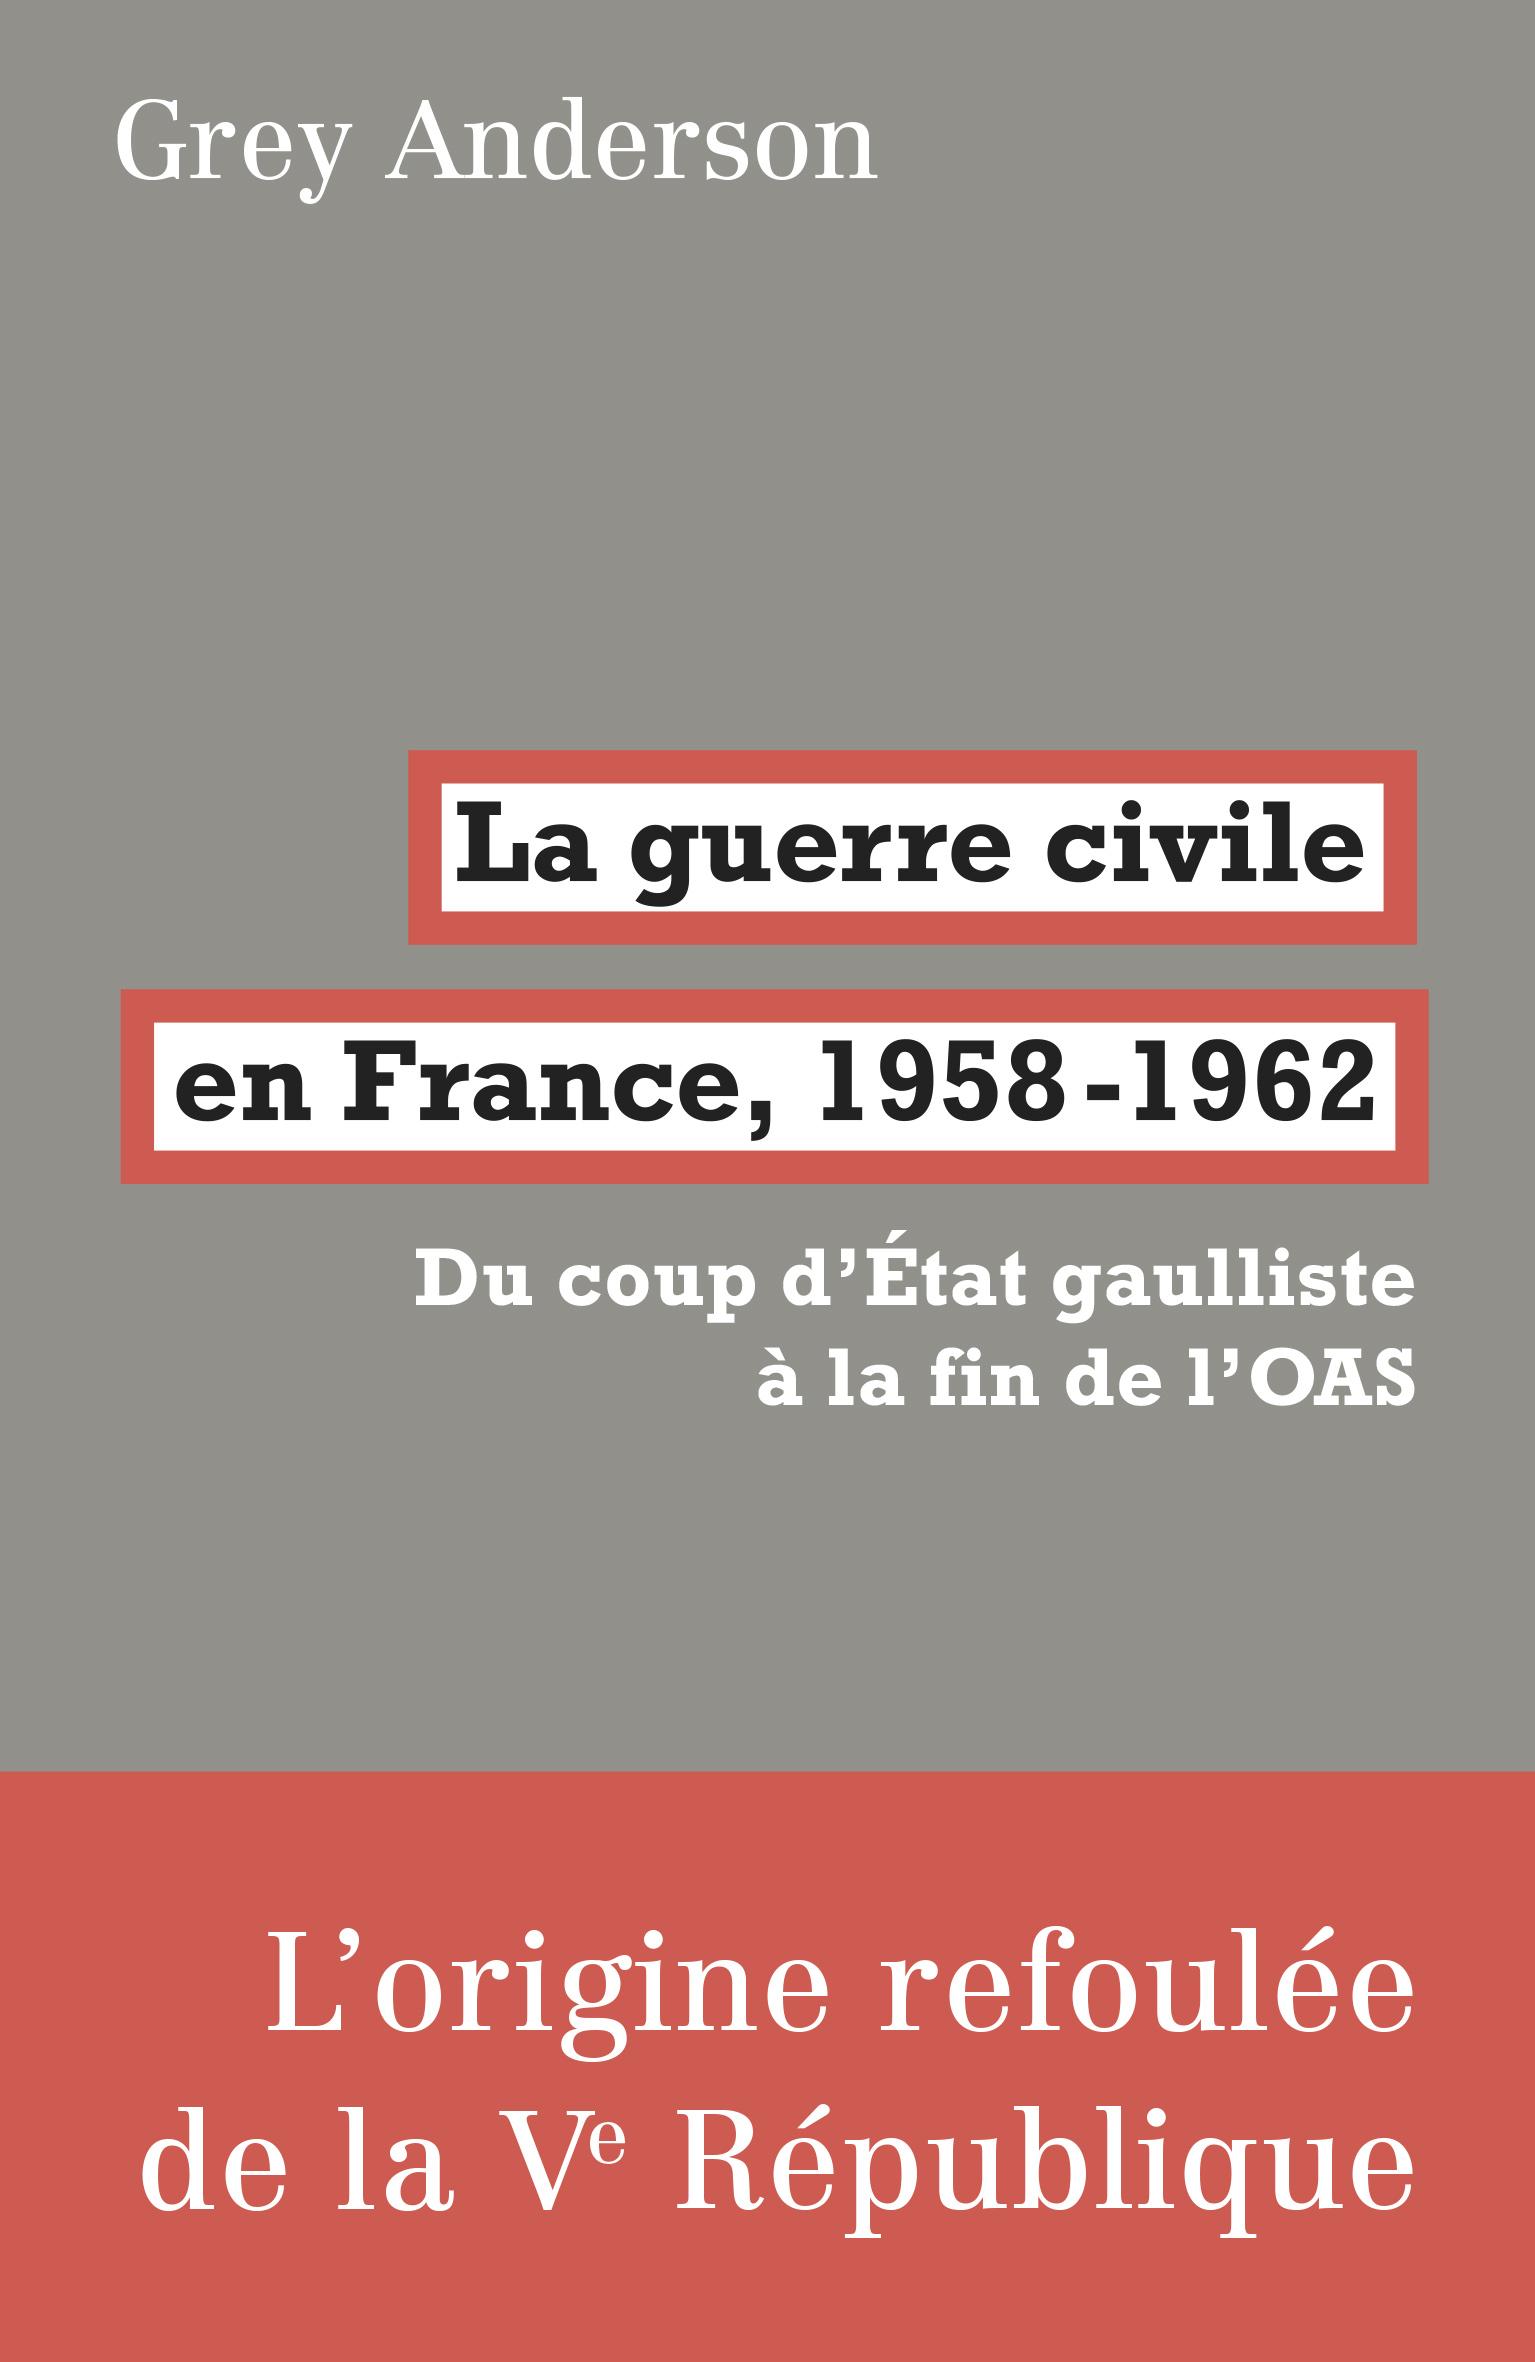 G. Anderson, La guerre civile en France, 1958-1962. Du coup d'État gaulliste à la fin de l'OAS